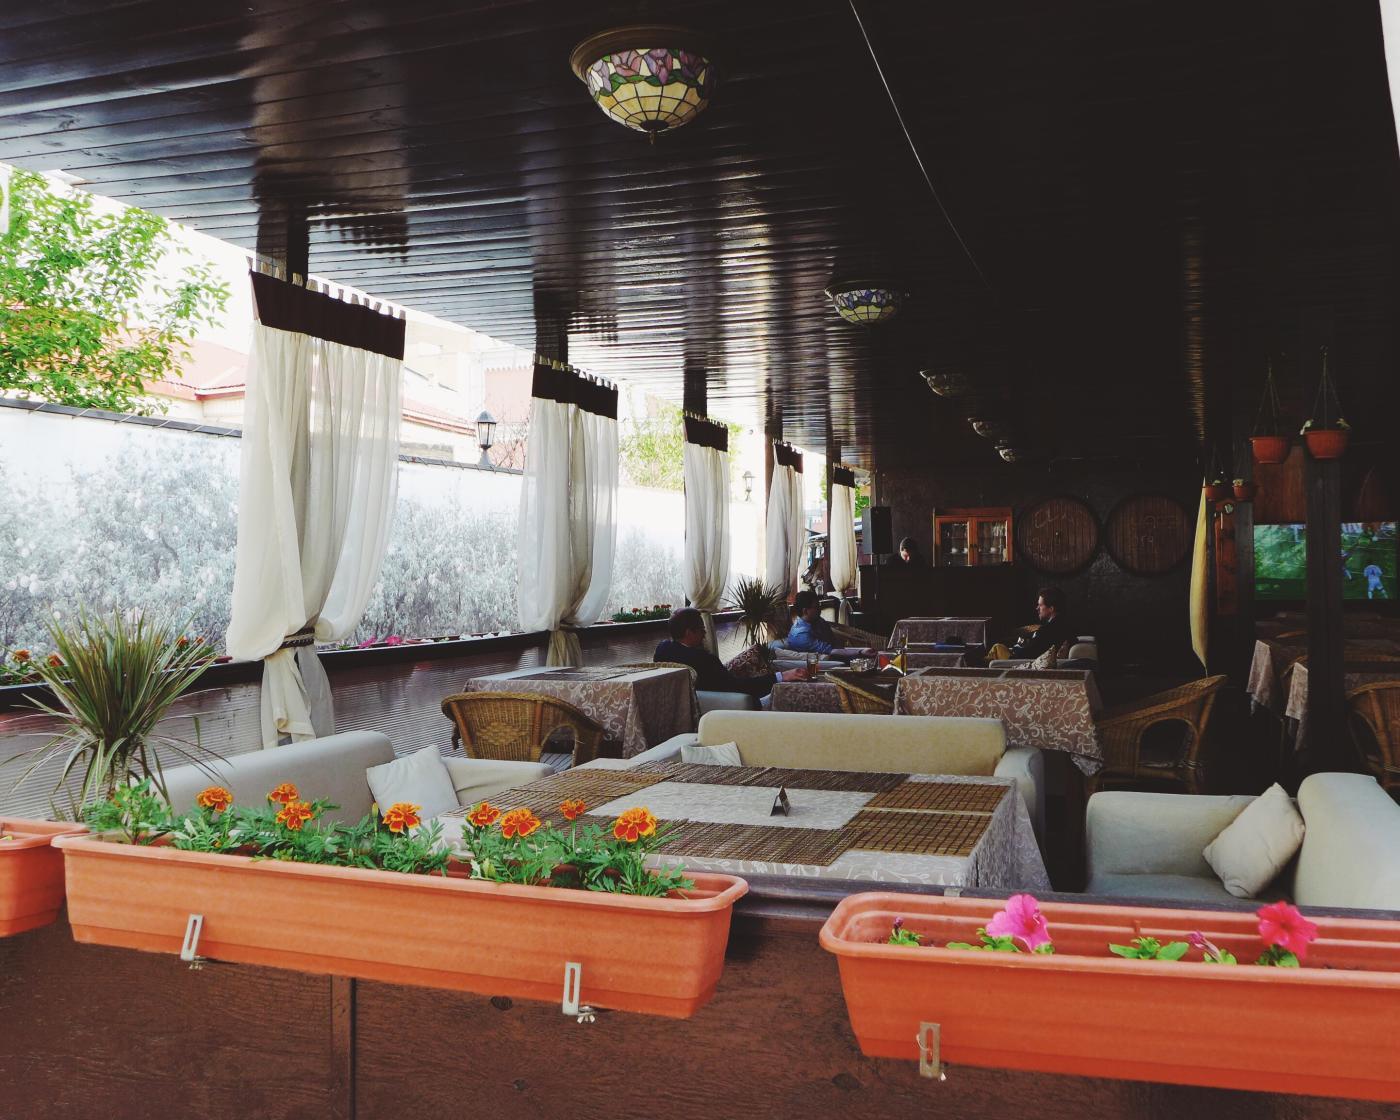 Ресторан El Asador (Эль Асадор) фото 6